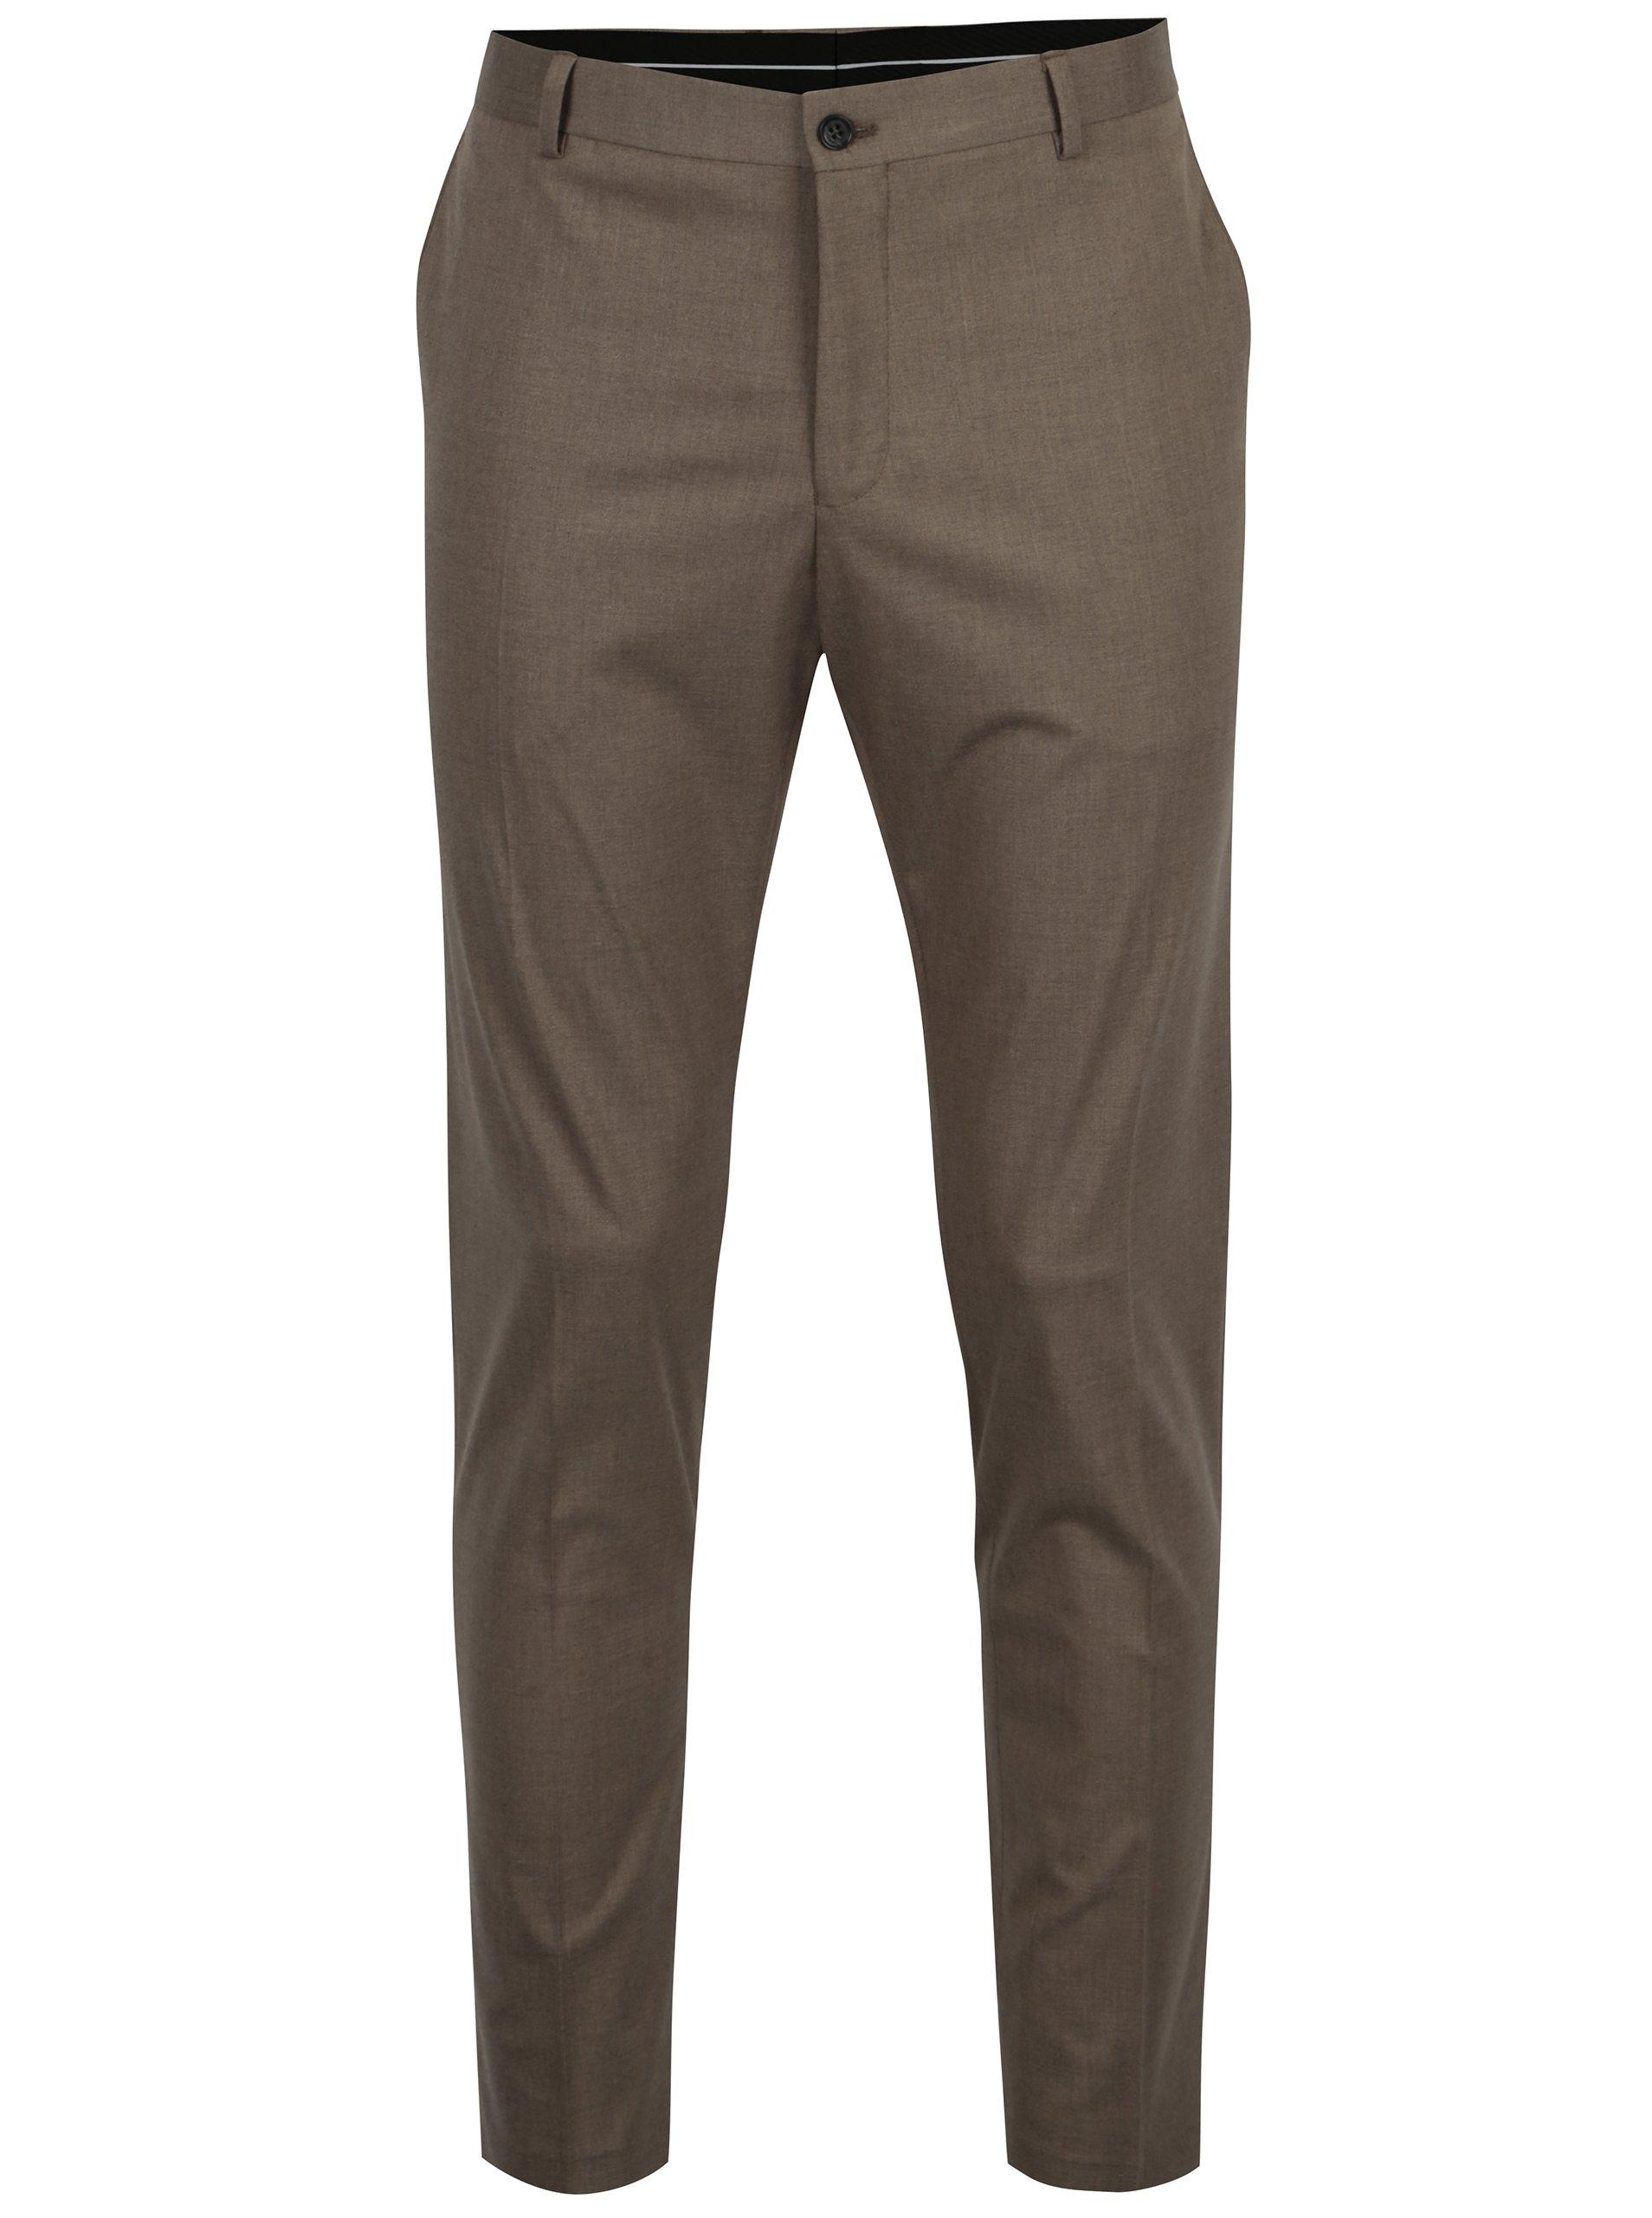 Hnědé oblekové kalhoty Selected Homme New one